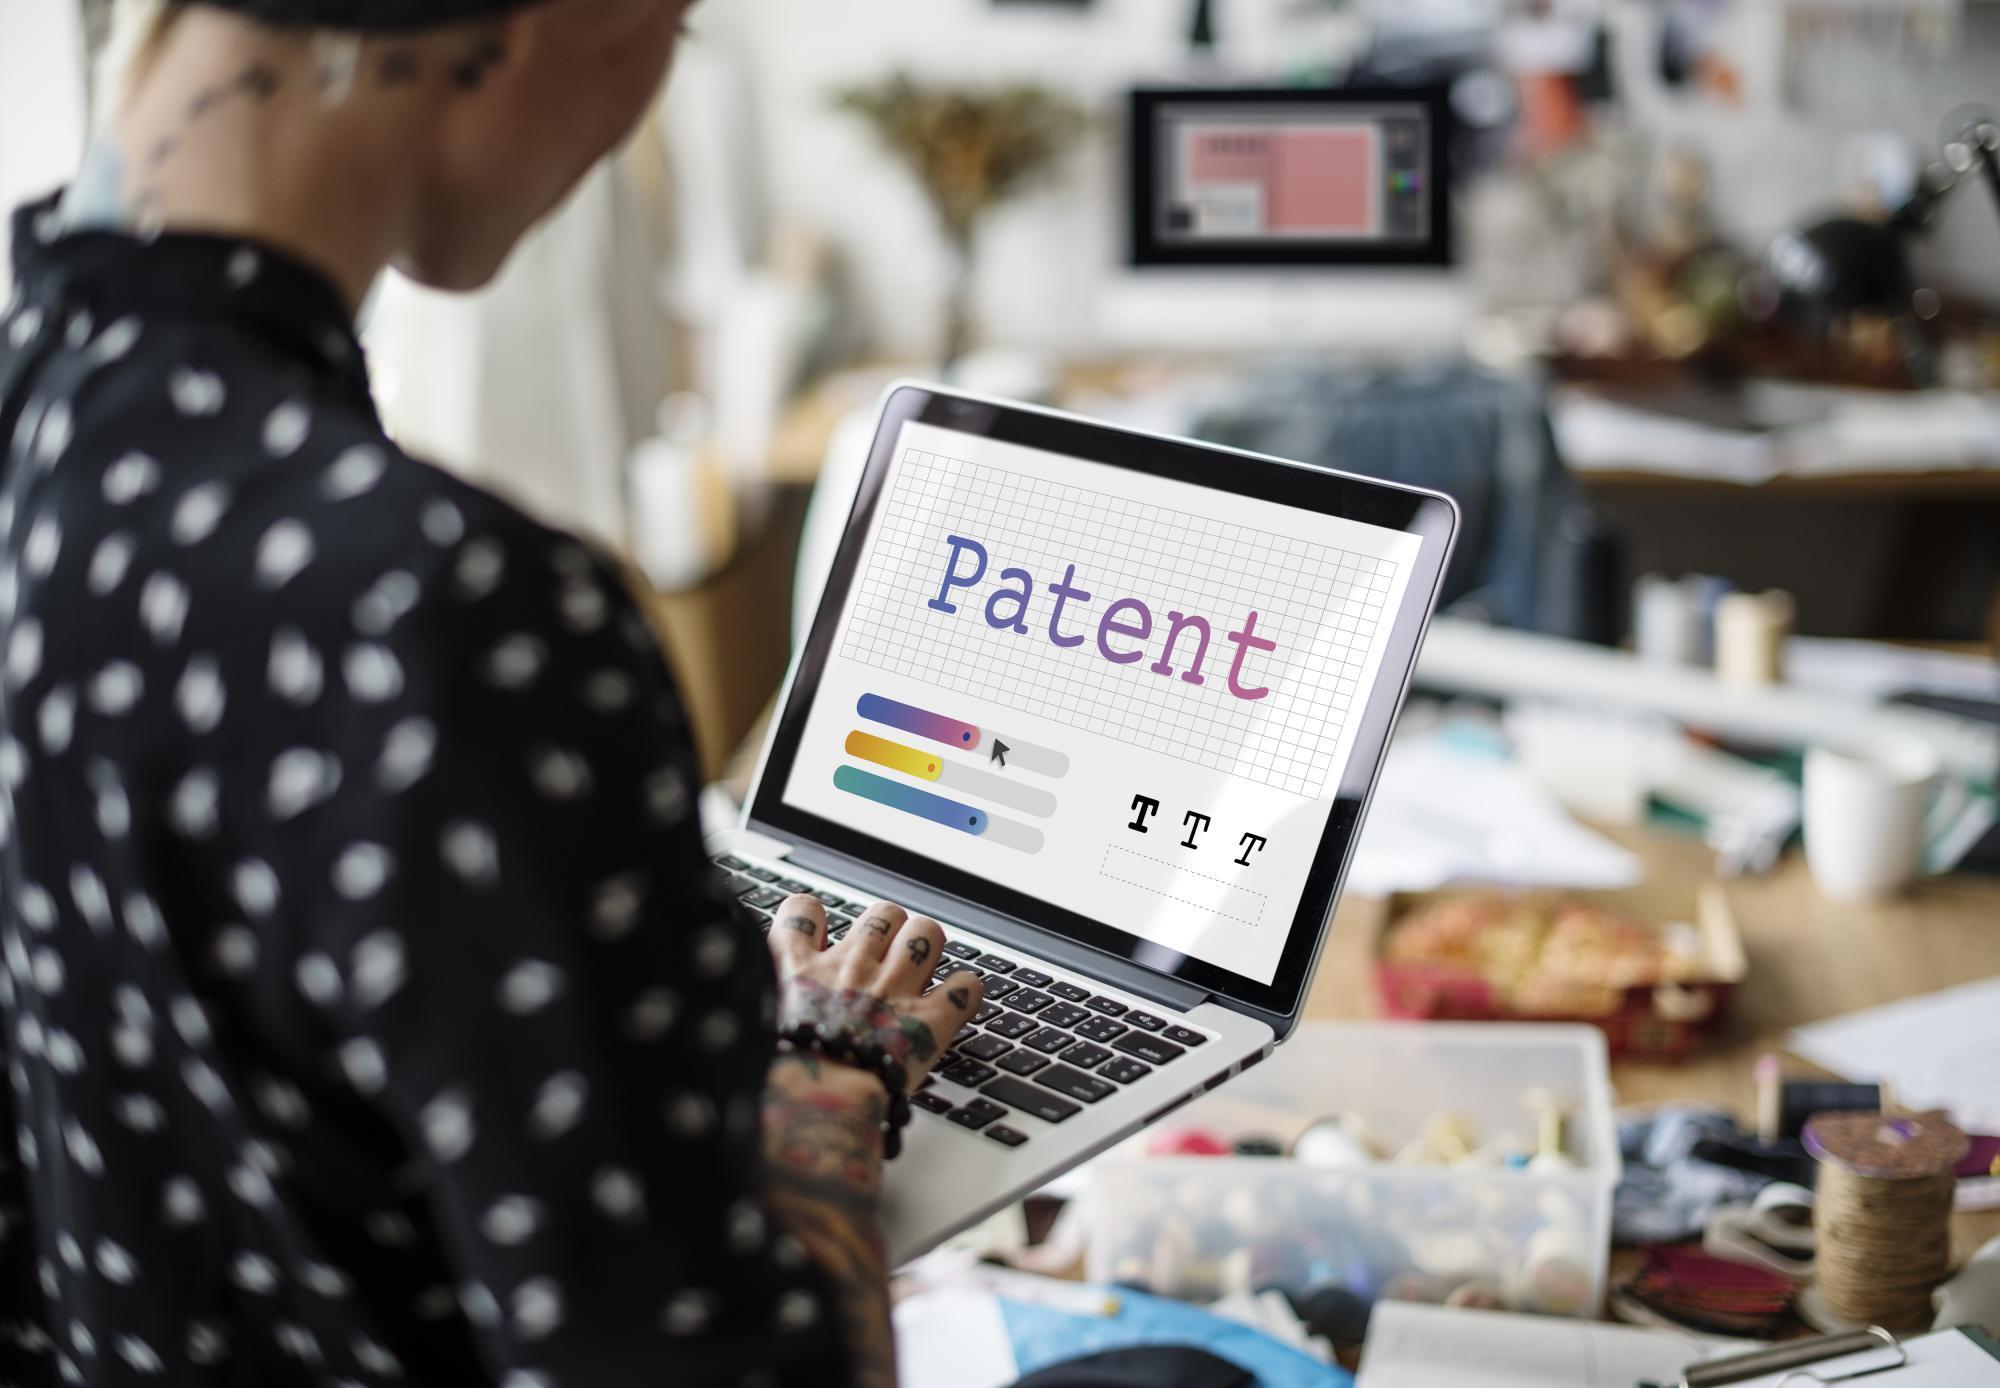 Утверждена форма патента на право применения патентной системы налогообложения